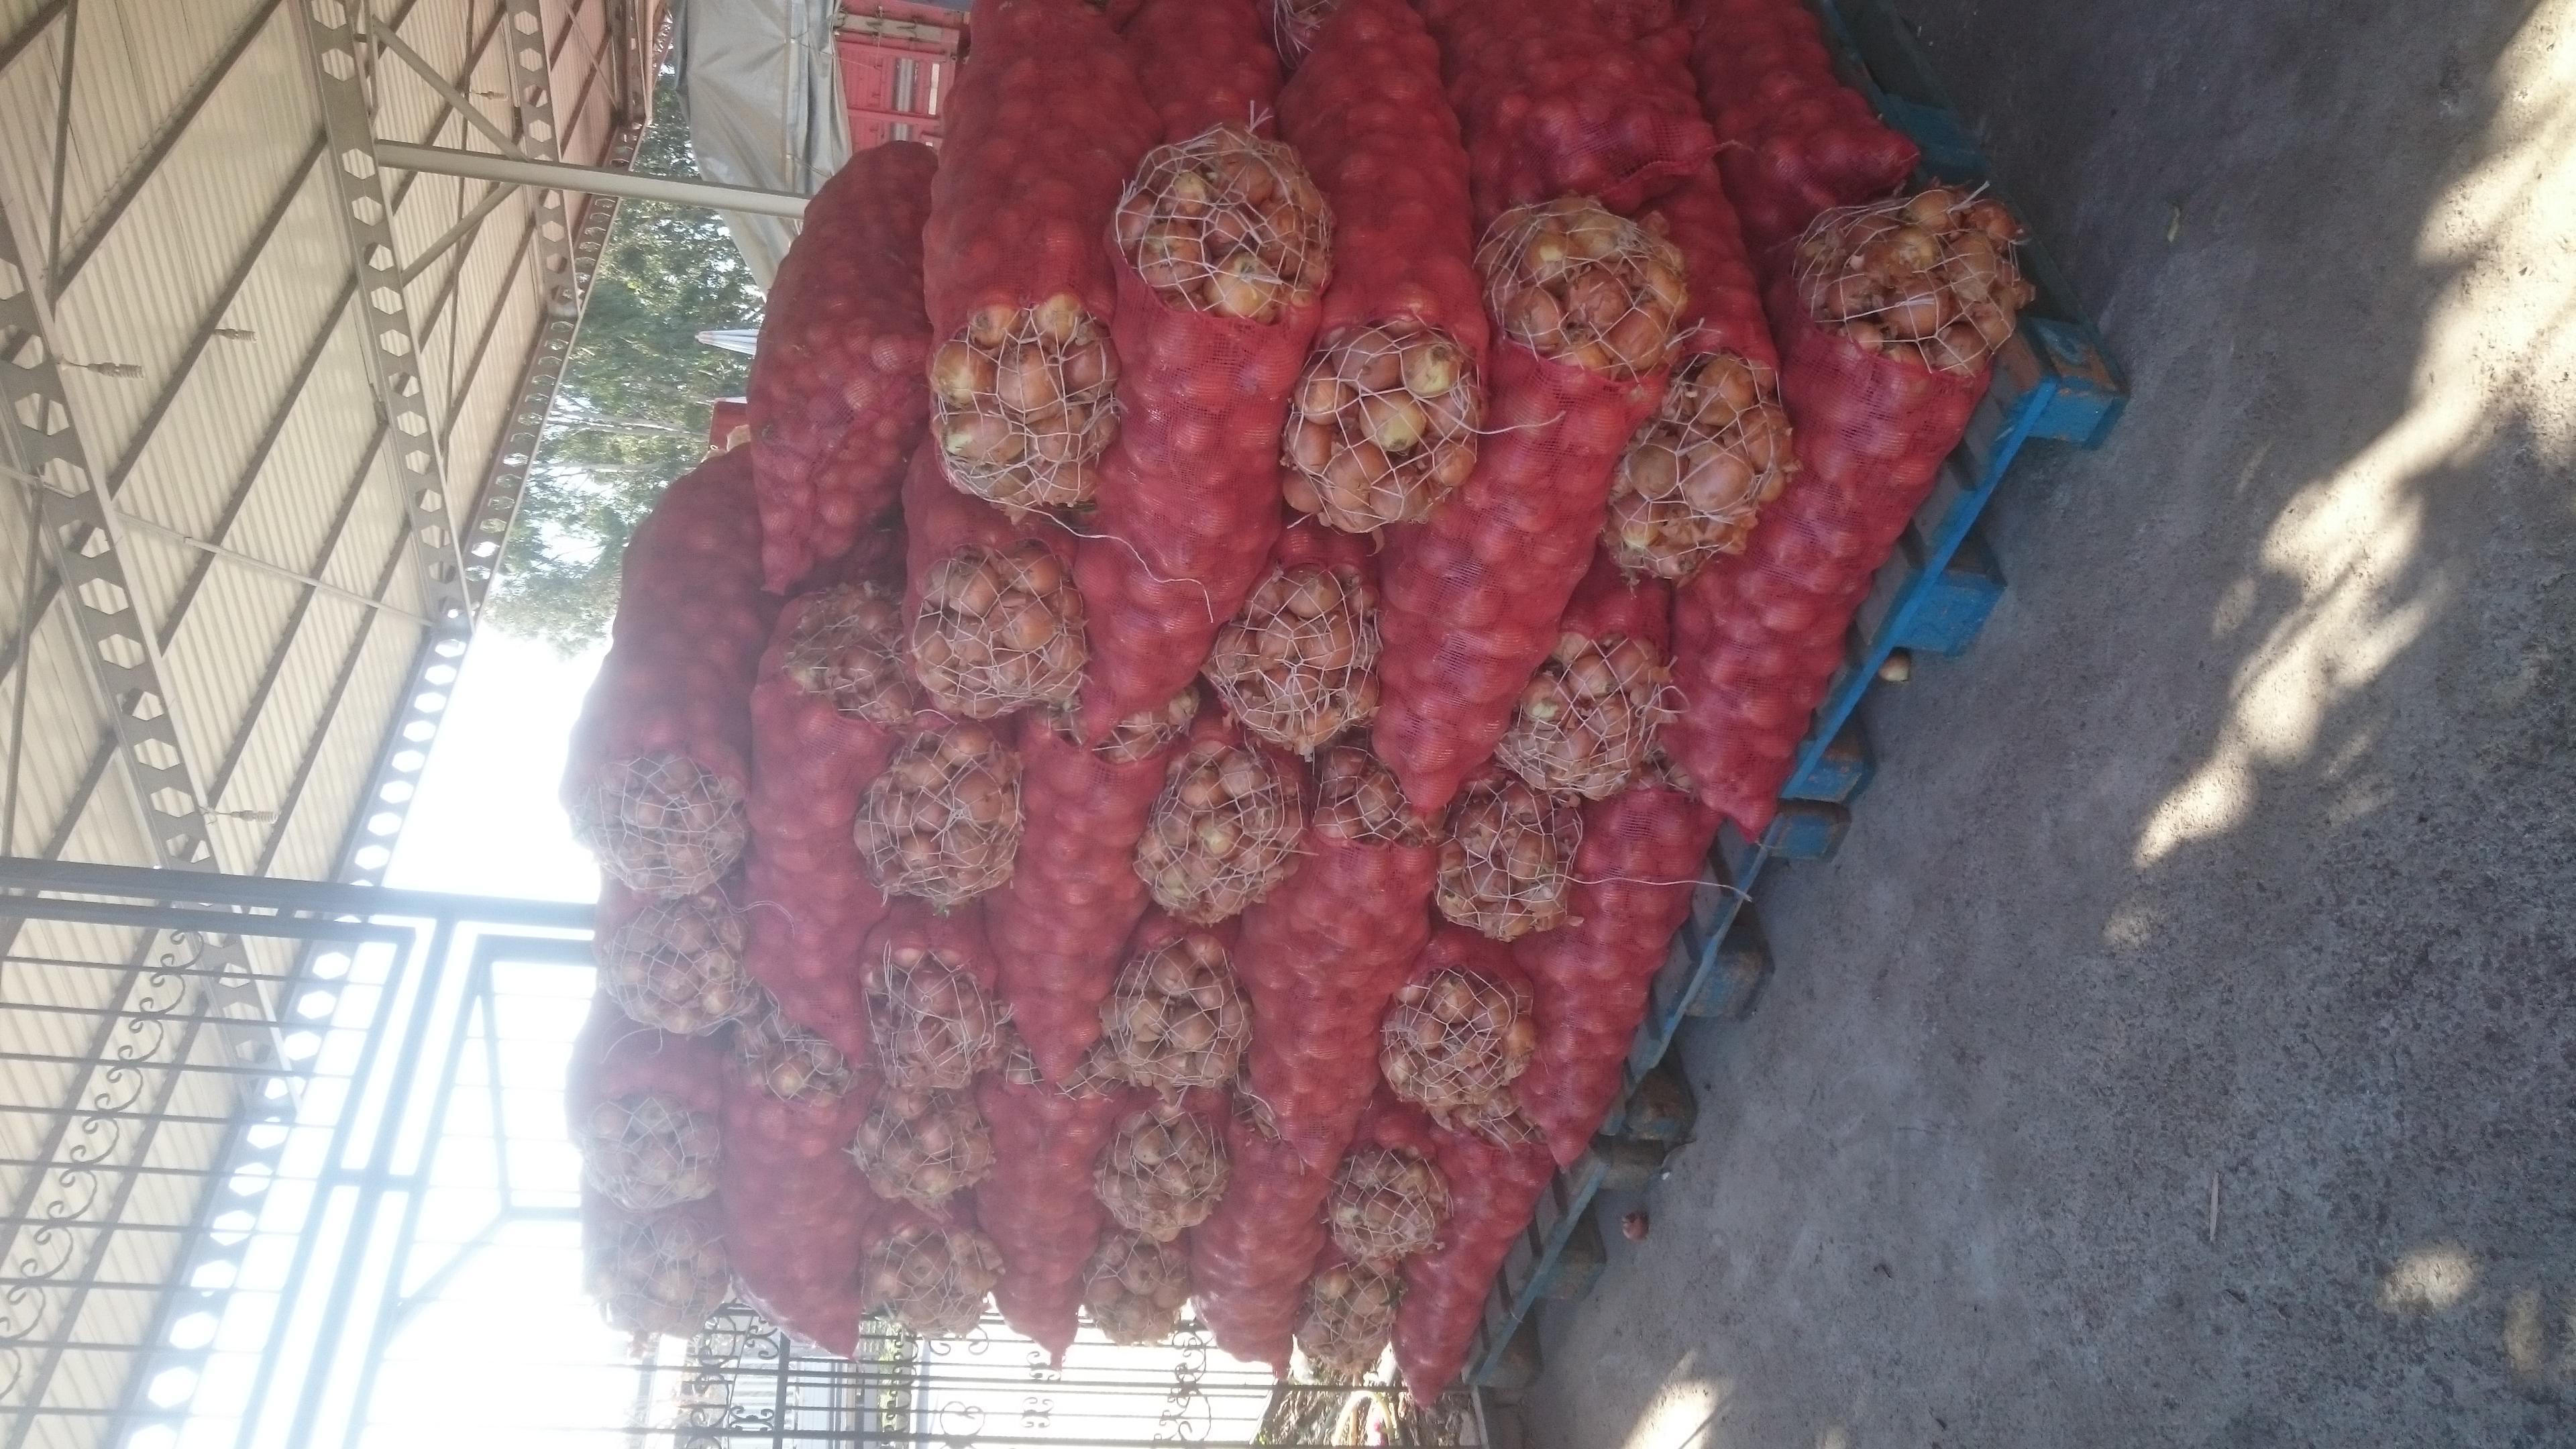 Kuru Soğan - Üretici Memduh Gül 1.6 tl fiyat ile 6 kilogram utrero çeşidi kuru soğan satmak istiyor